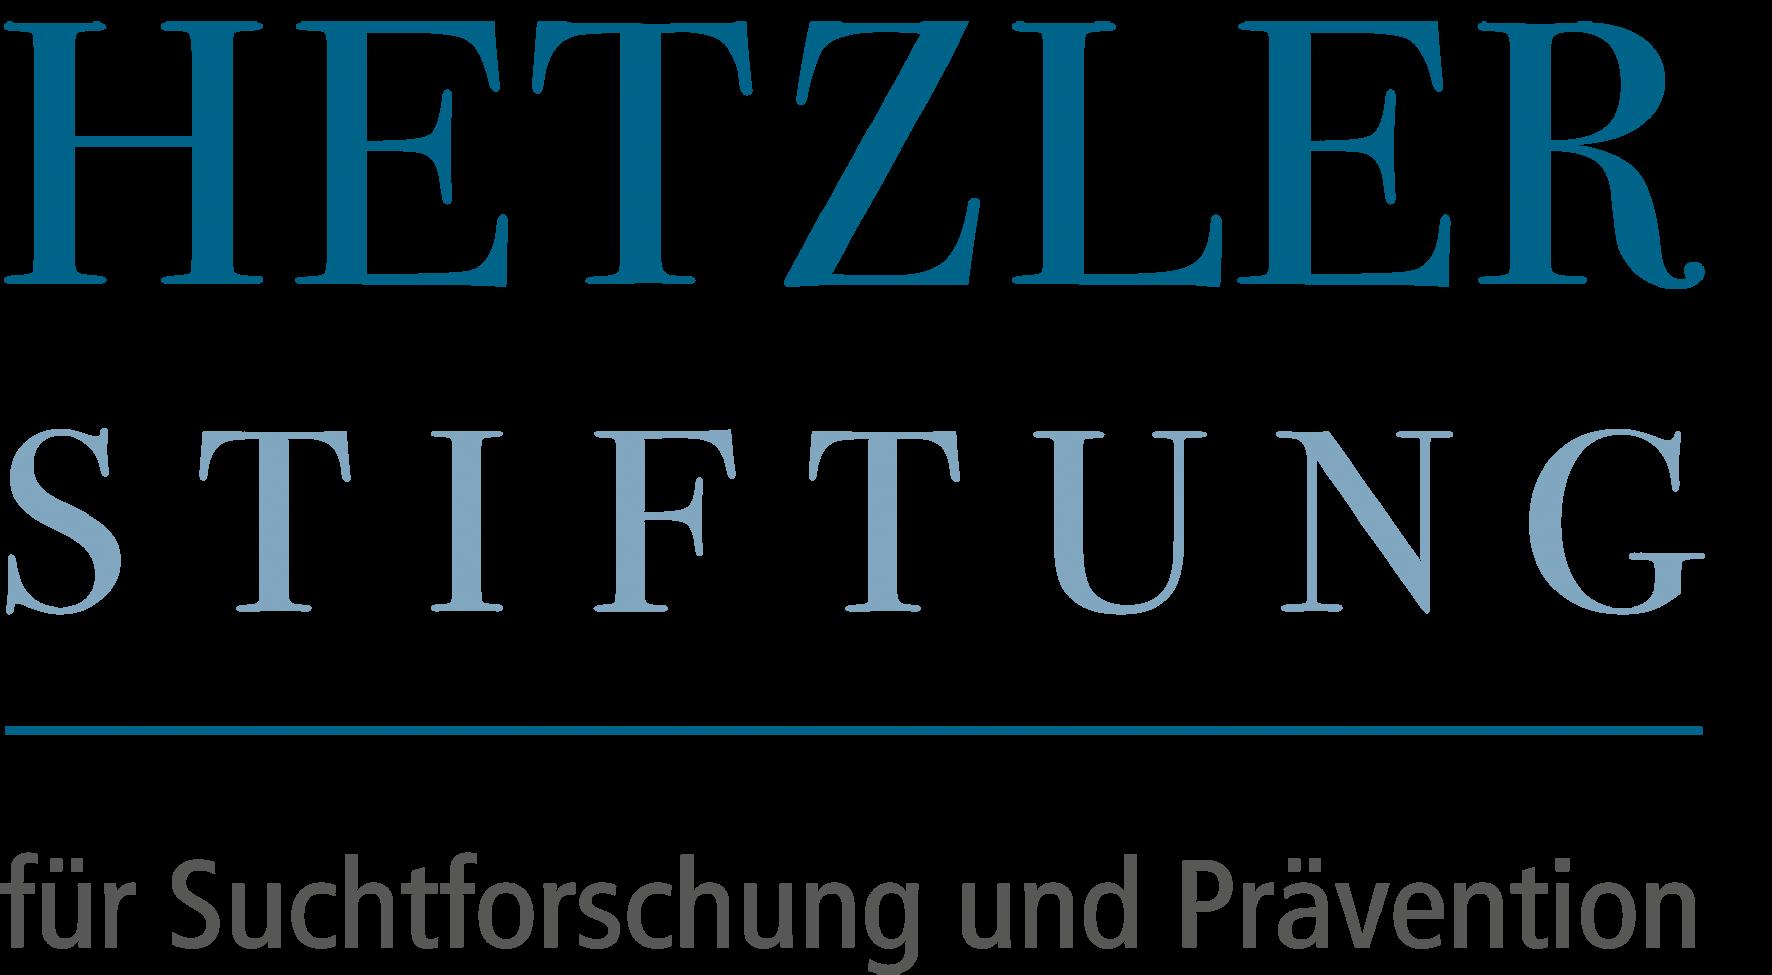 Logo Hetzler Stiftung